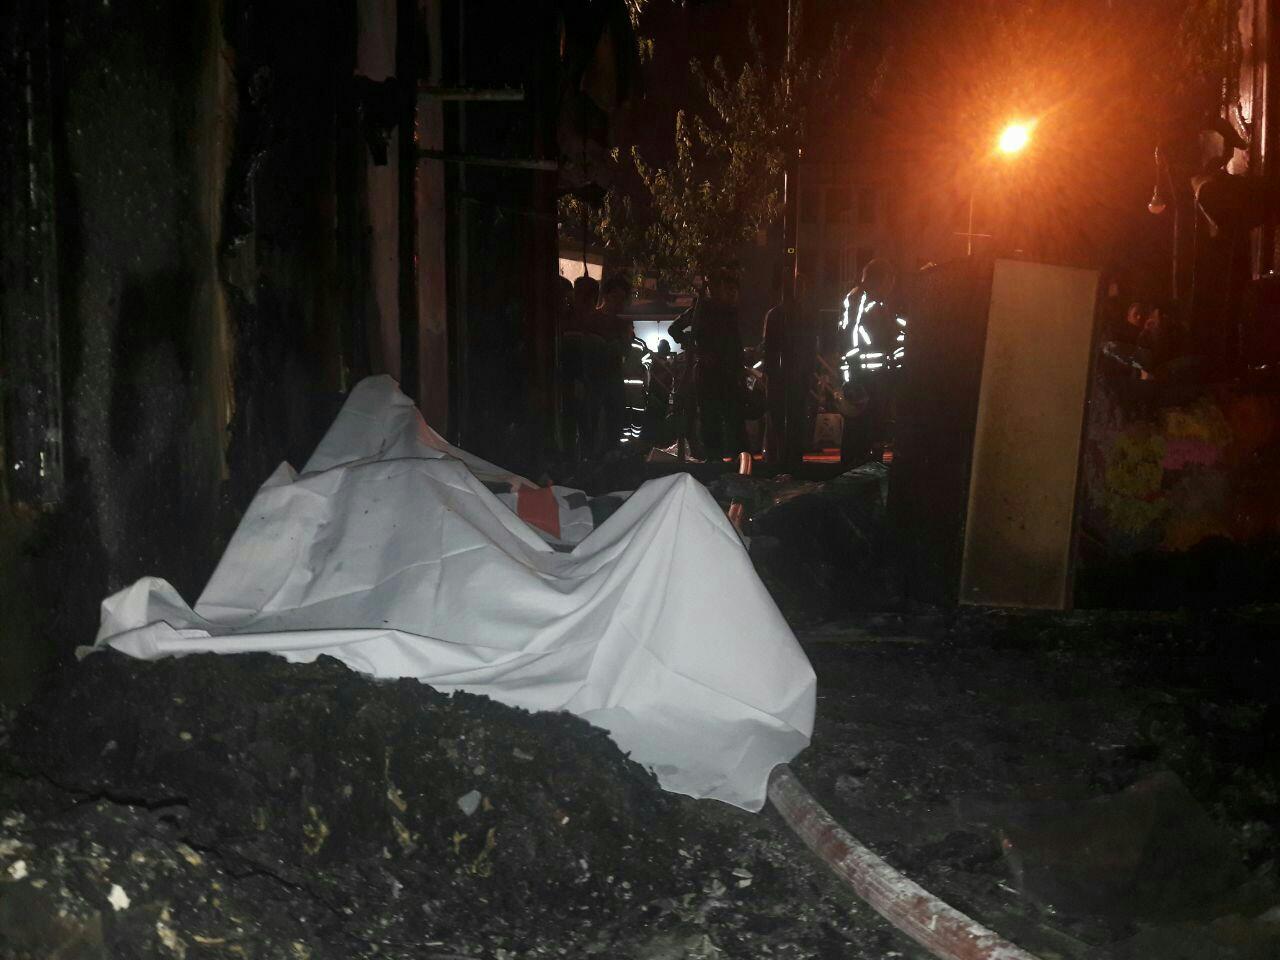 فوت یک تن در حادثه آتش سوزی مغازه مانتو فروشی در خیابان جمهوری